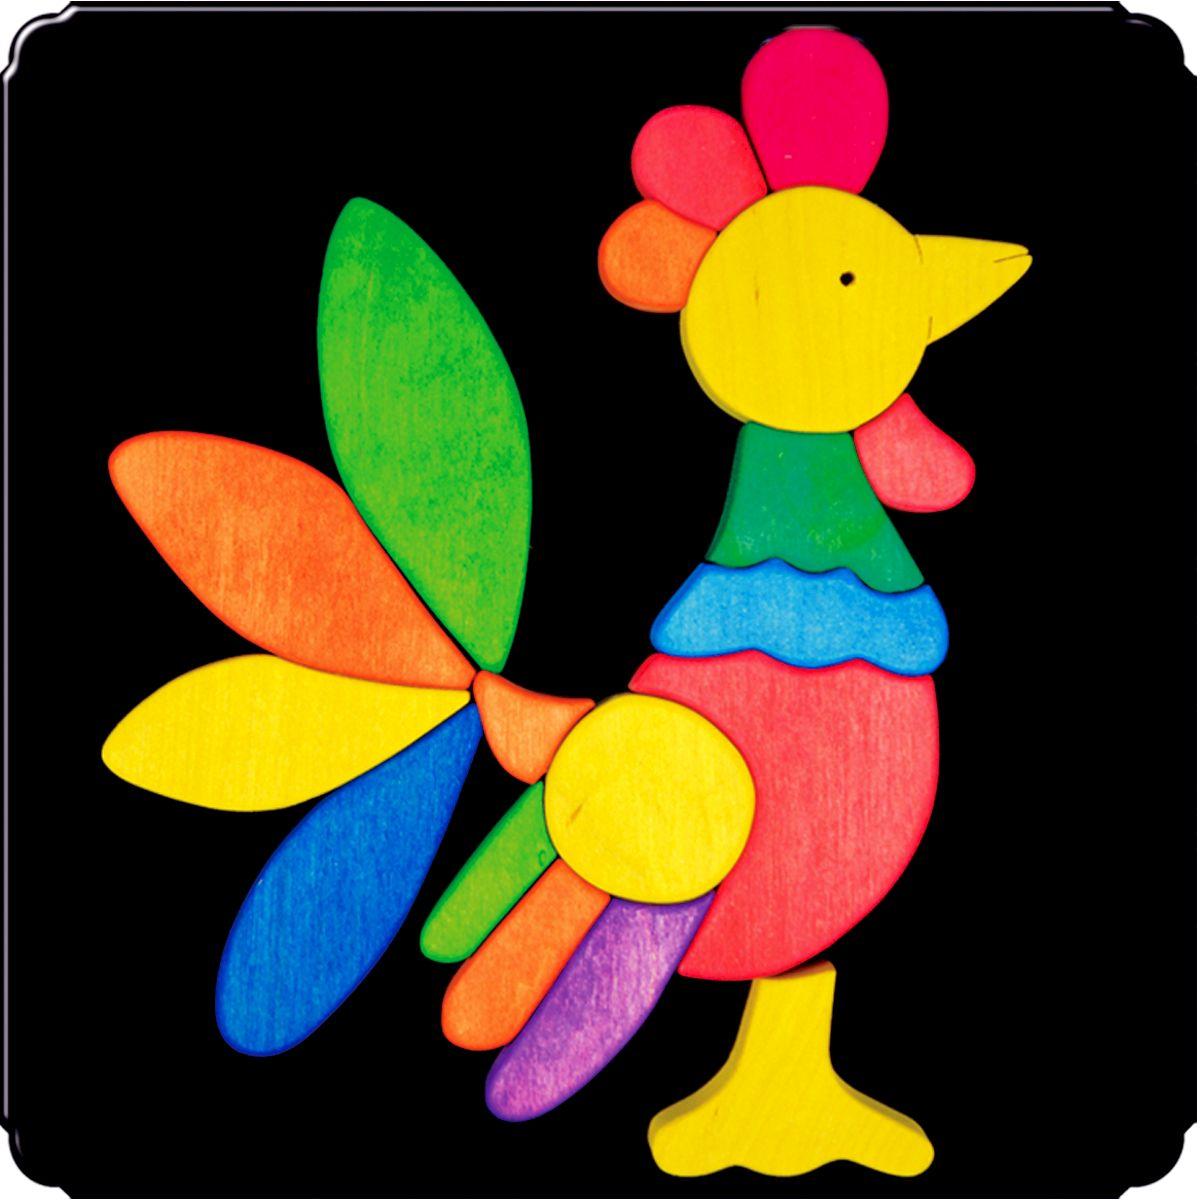 Деревяшкино Пазл для малышей Петух 115115Красочная игрушка-головоломка из натурального дерева на магнитной доске. Незаменима в машине, поездке – в любом месте, где Вашему малышу удобно играть. Удивительный мир ярких красок и фантазий везде с Вами! Каждая деталька мозаики крепко держится на магнитной доске. Ваш юный фантазер сможет не только решить сложную задачу: собрать головоломку как на картинке, но и, используя фантазию, сможет создать уникальные и неповторимые композиции. Объединяйте несколько наборов – будет интереснее! Все детали выполнены из натурального дерева, окрашены безопасной пищевой краской. Деревянные игрушки дают возможность ощутить структуру, плотность, вес, запах материала. Ребенок получает правдивую информацию об окружающем мире. Развивает: мелкую моторику, абстрактное и логическое мышление, понимание цветов, геометрических форм. Методические рекомендации: объясните малышу почему детальки держатся на доске. Объясните как правильно собрать мозаику, но не помогайте в трудных местах. Попросите ребенка...